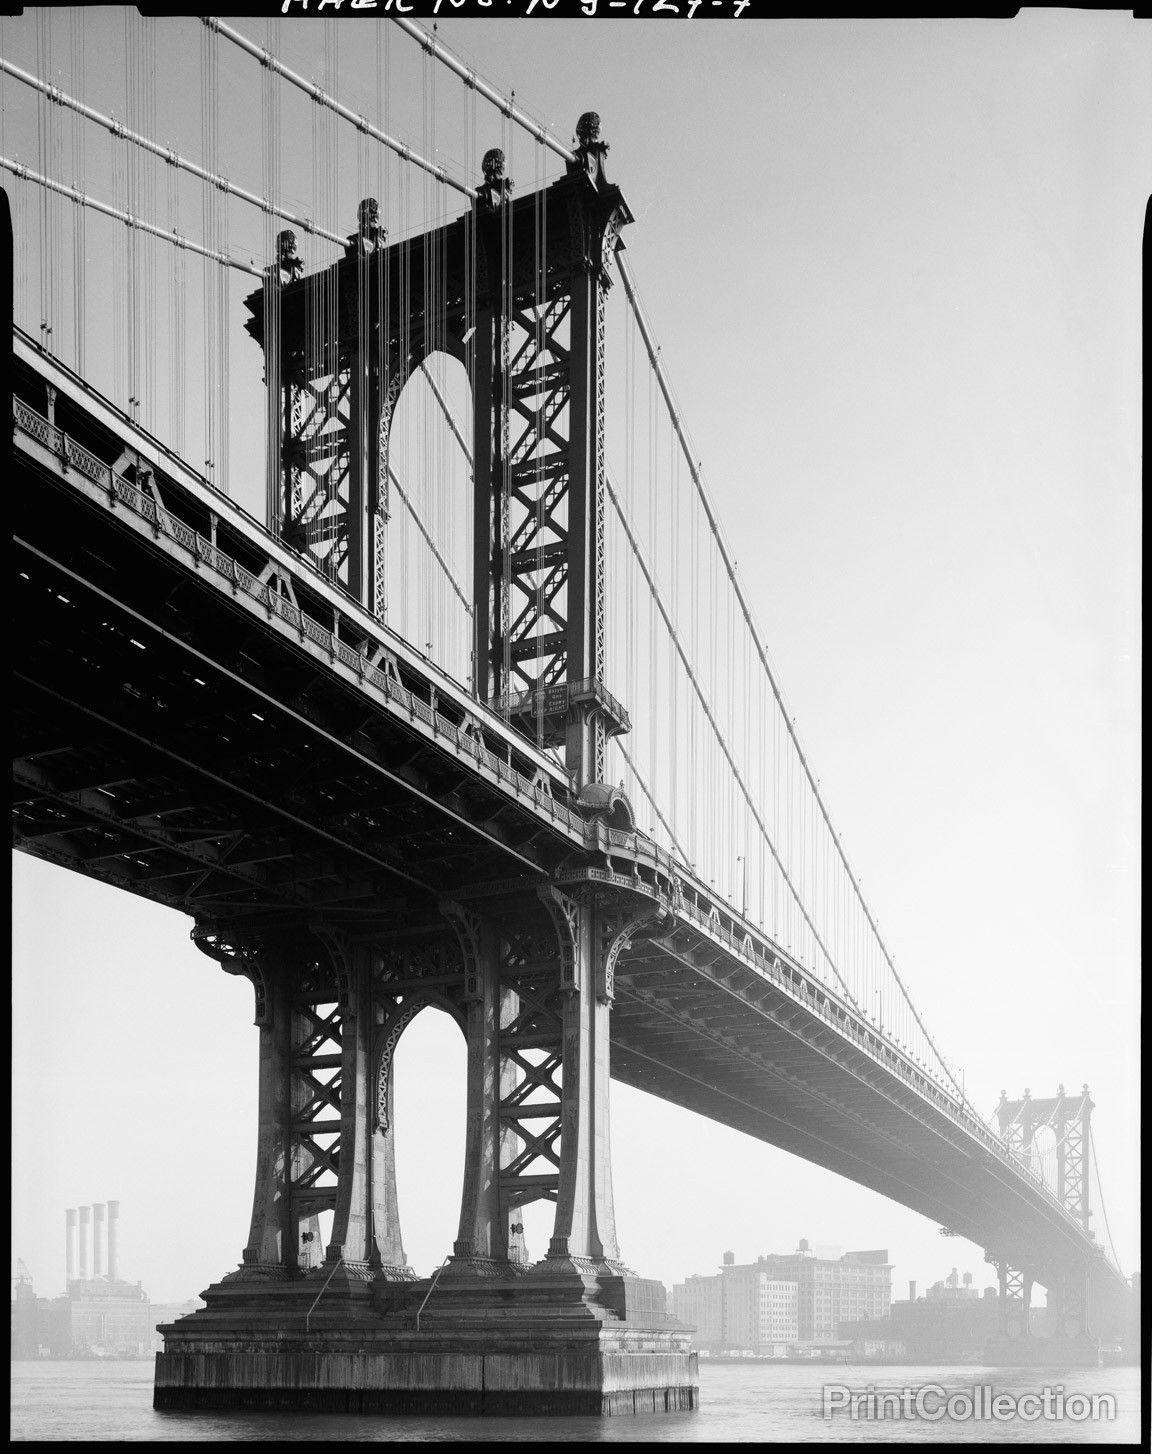 картинки черно белые мост нему